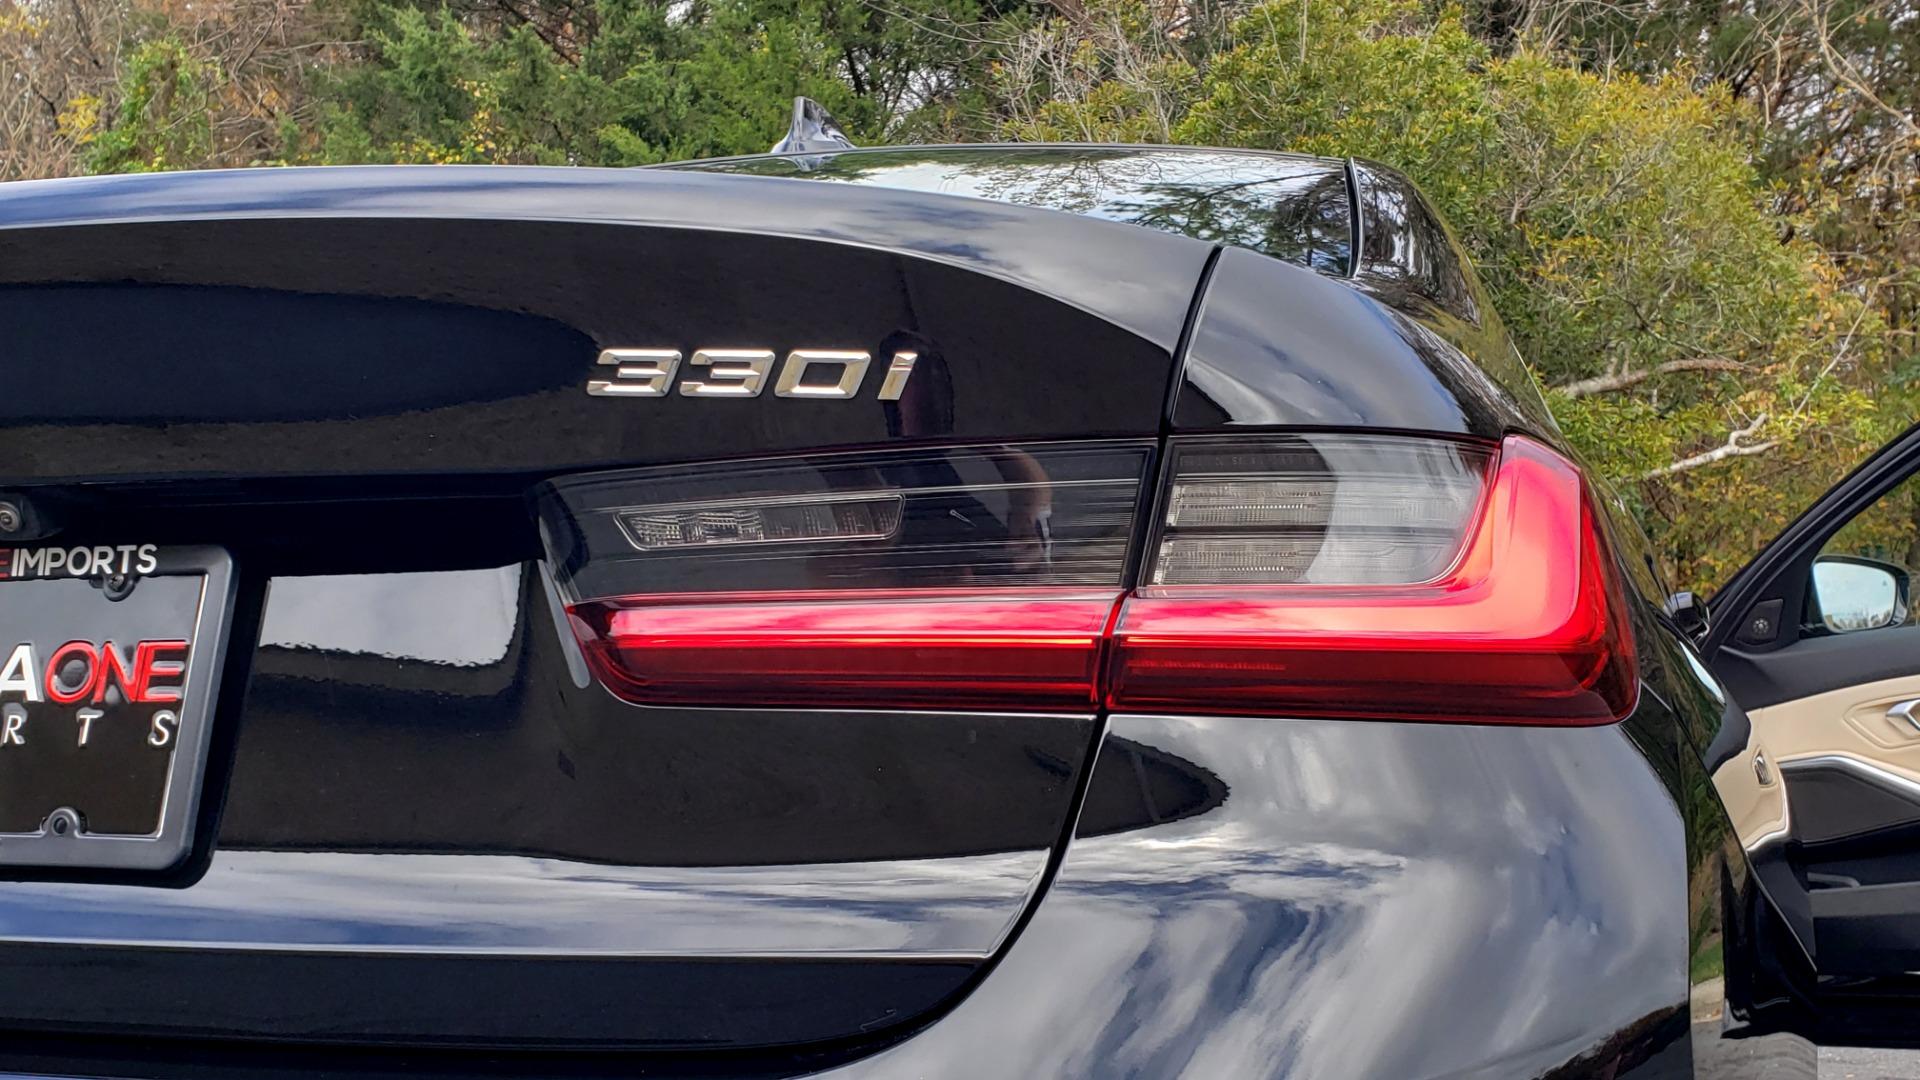 Used 2019 BMW 3 SERIES 330I PREM PKG / NAV / CONV PKG / H&K SND / LIVE COCKPIT PRO for sale Sold at Formula Imports in Charlotte NC 28227 28